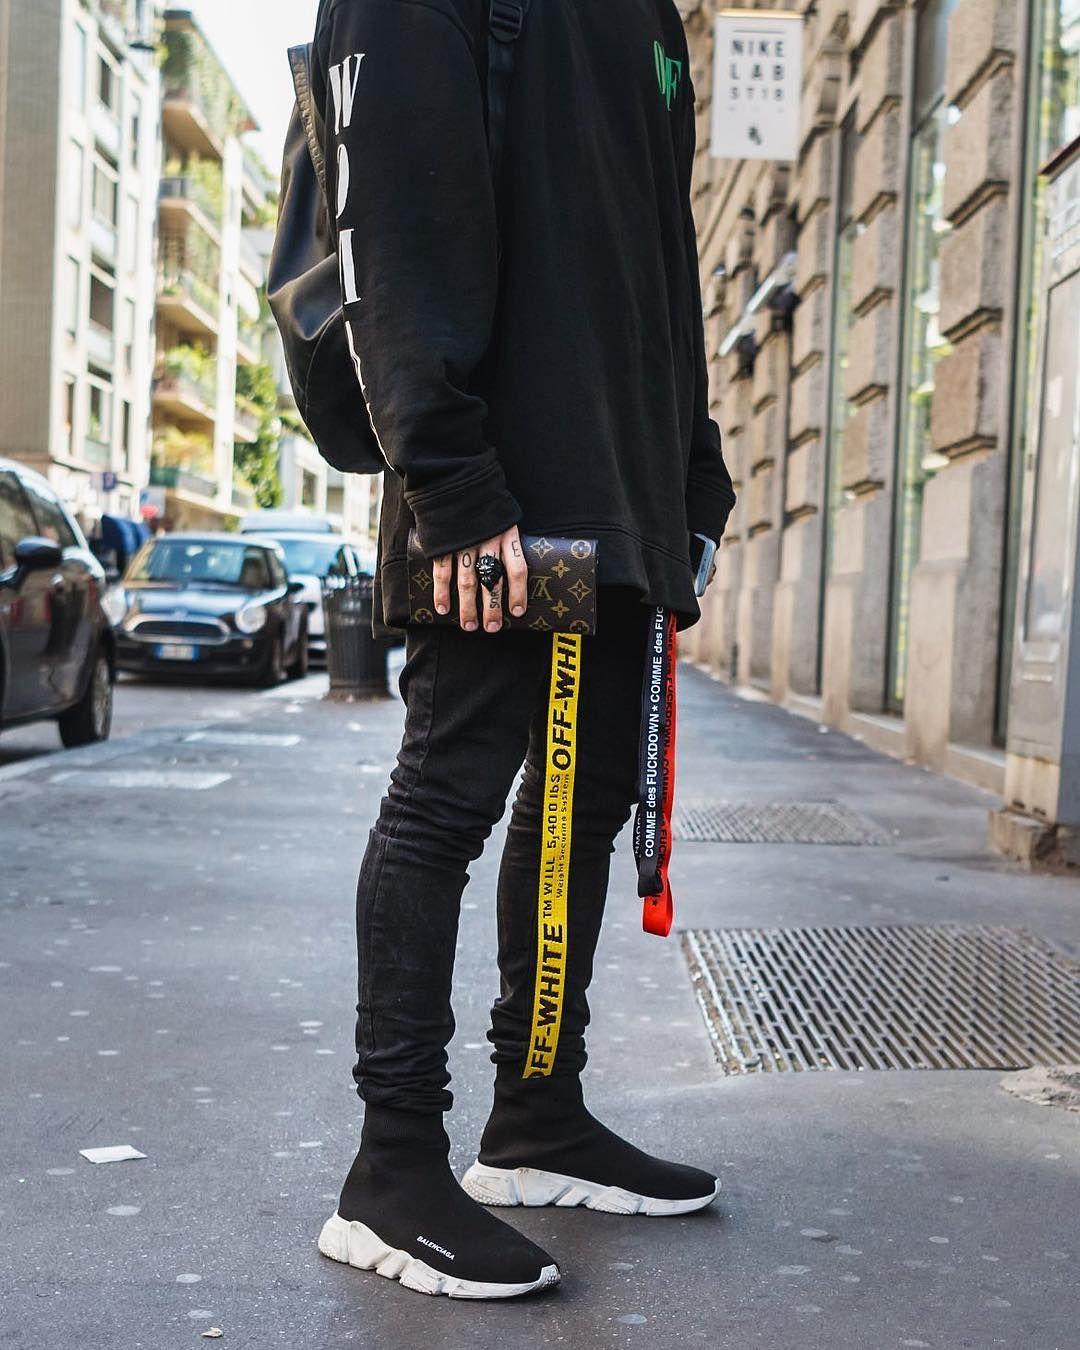 Ootd 2018 balenciaga hype hypebeast black pants gucci gang supreme bape 3b9b5e1cd836